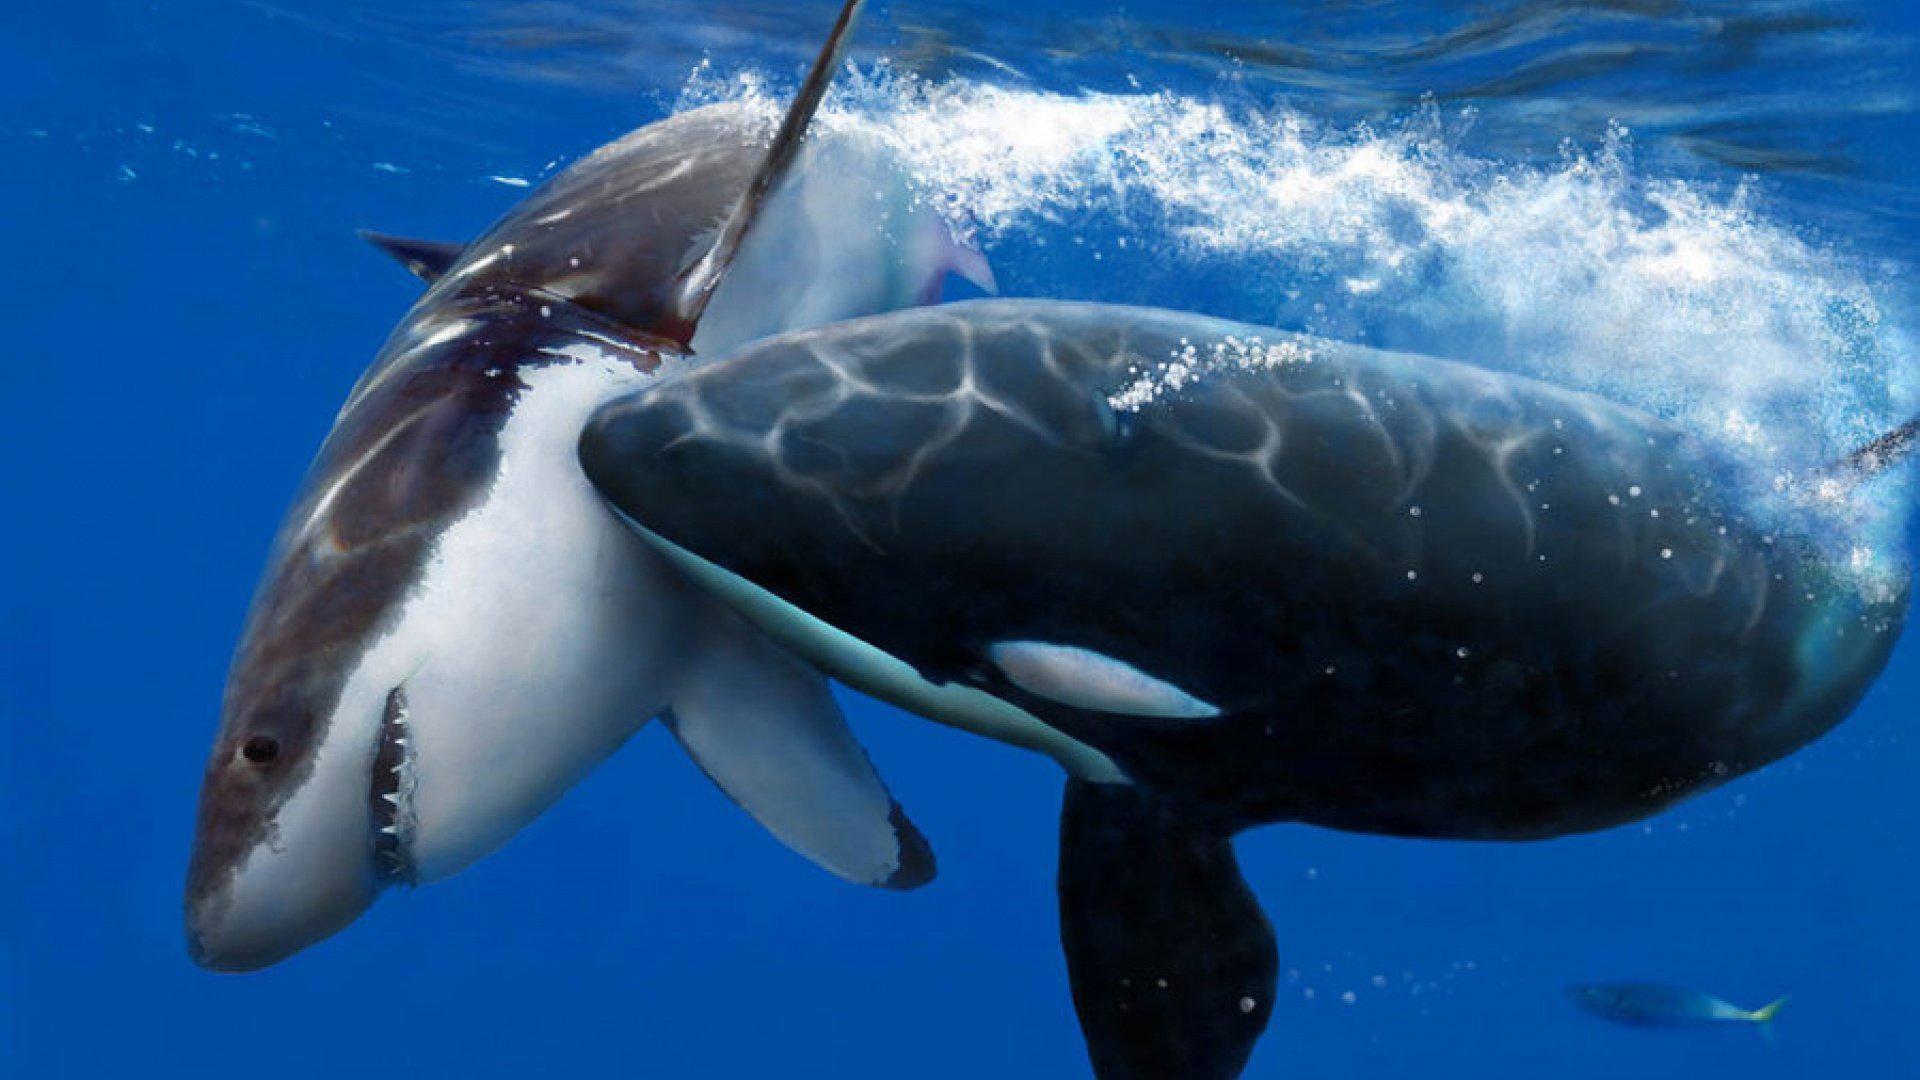 鲨鱼天敌是虎鲸,为何鲨鱼遇到天敌时,不逃命反而任其撕咬呢?